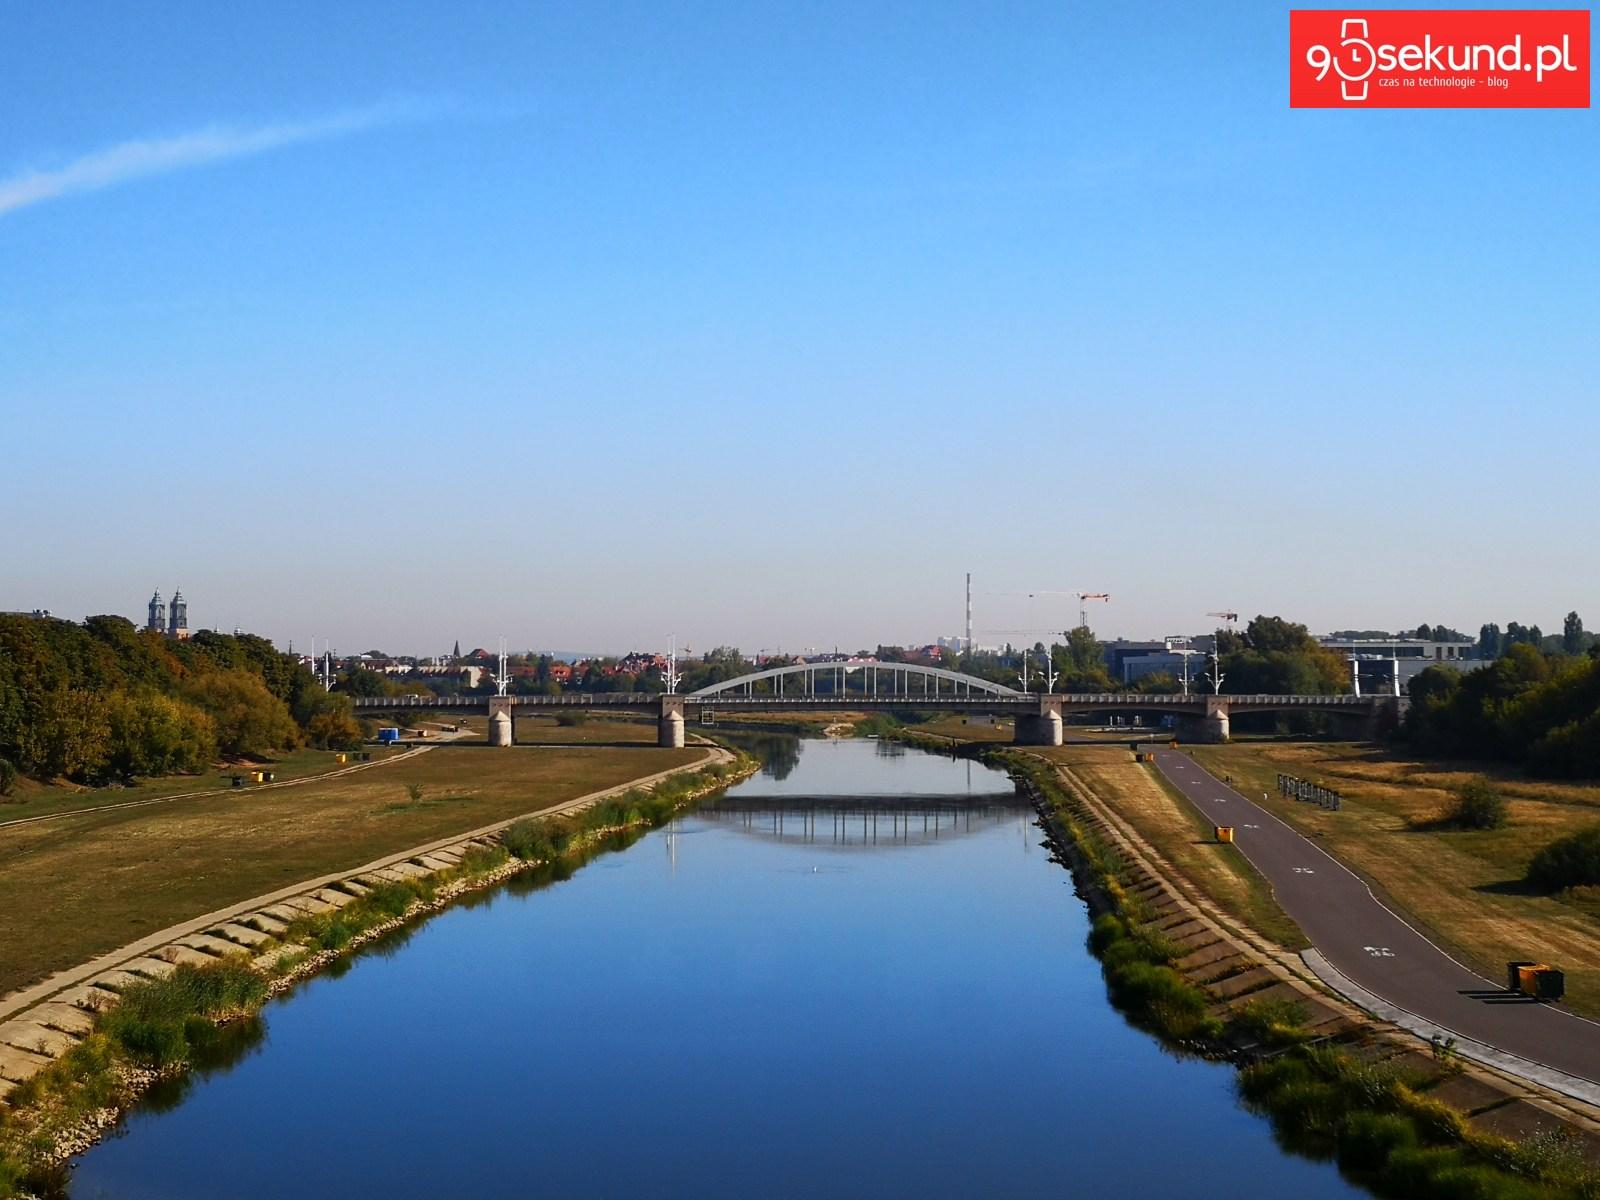 Zdjęcie z 2x zoomem optycznym wykonane Huawei P20 - 90sekund.pl - Michał Brożyński